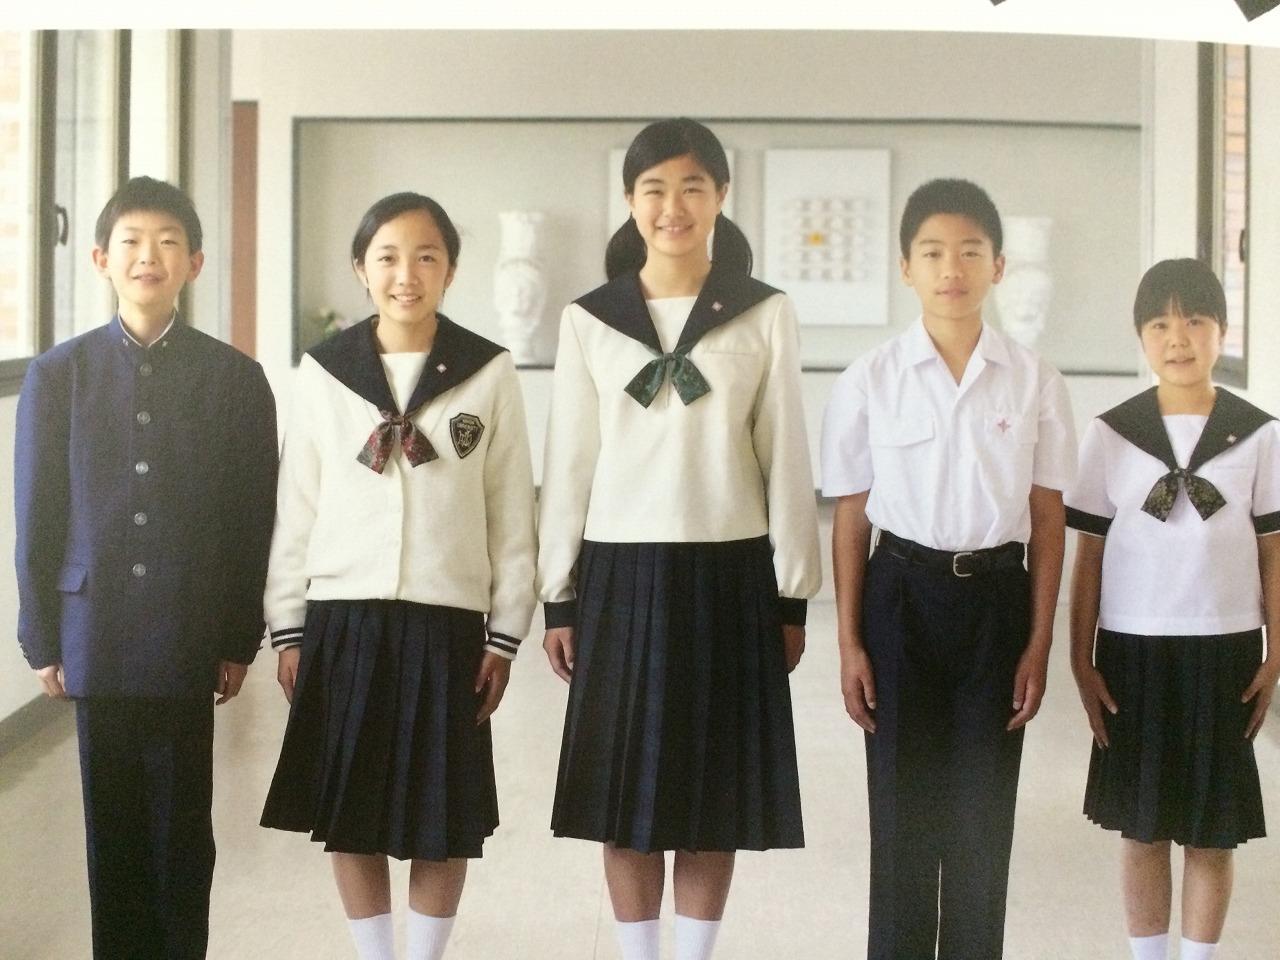 長崎日本大学高等学校